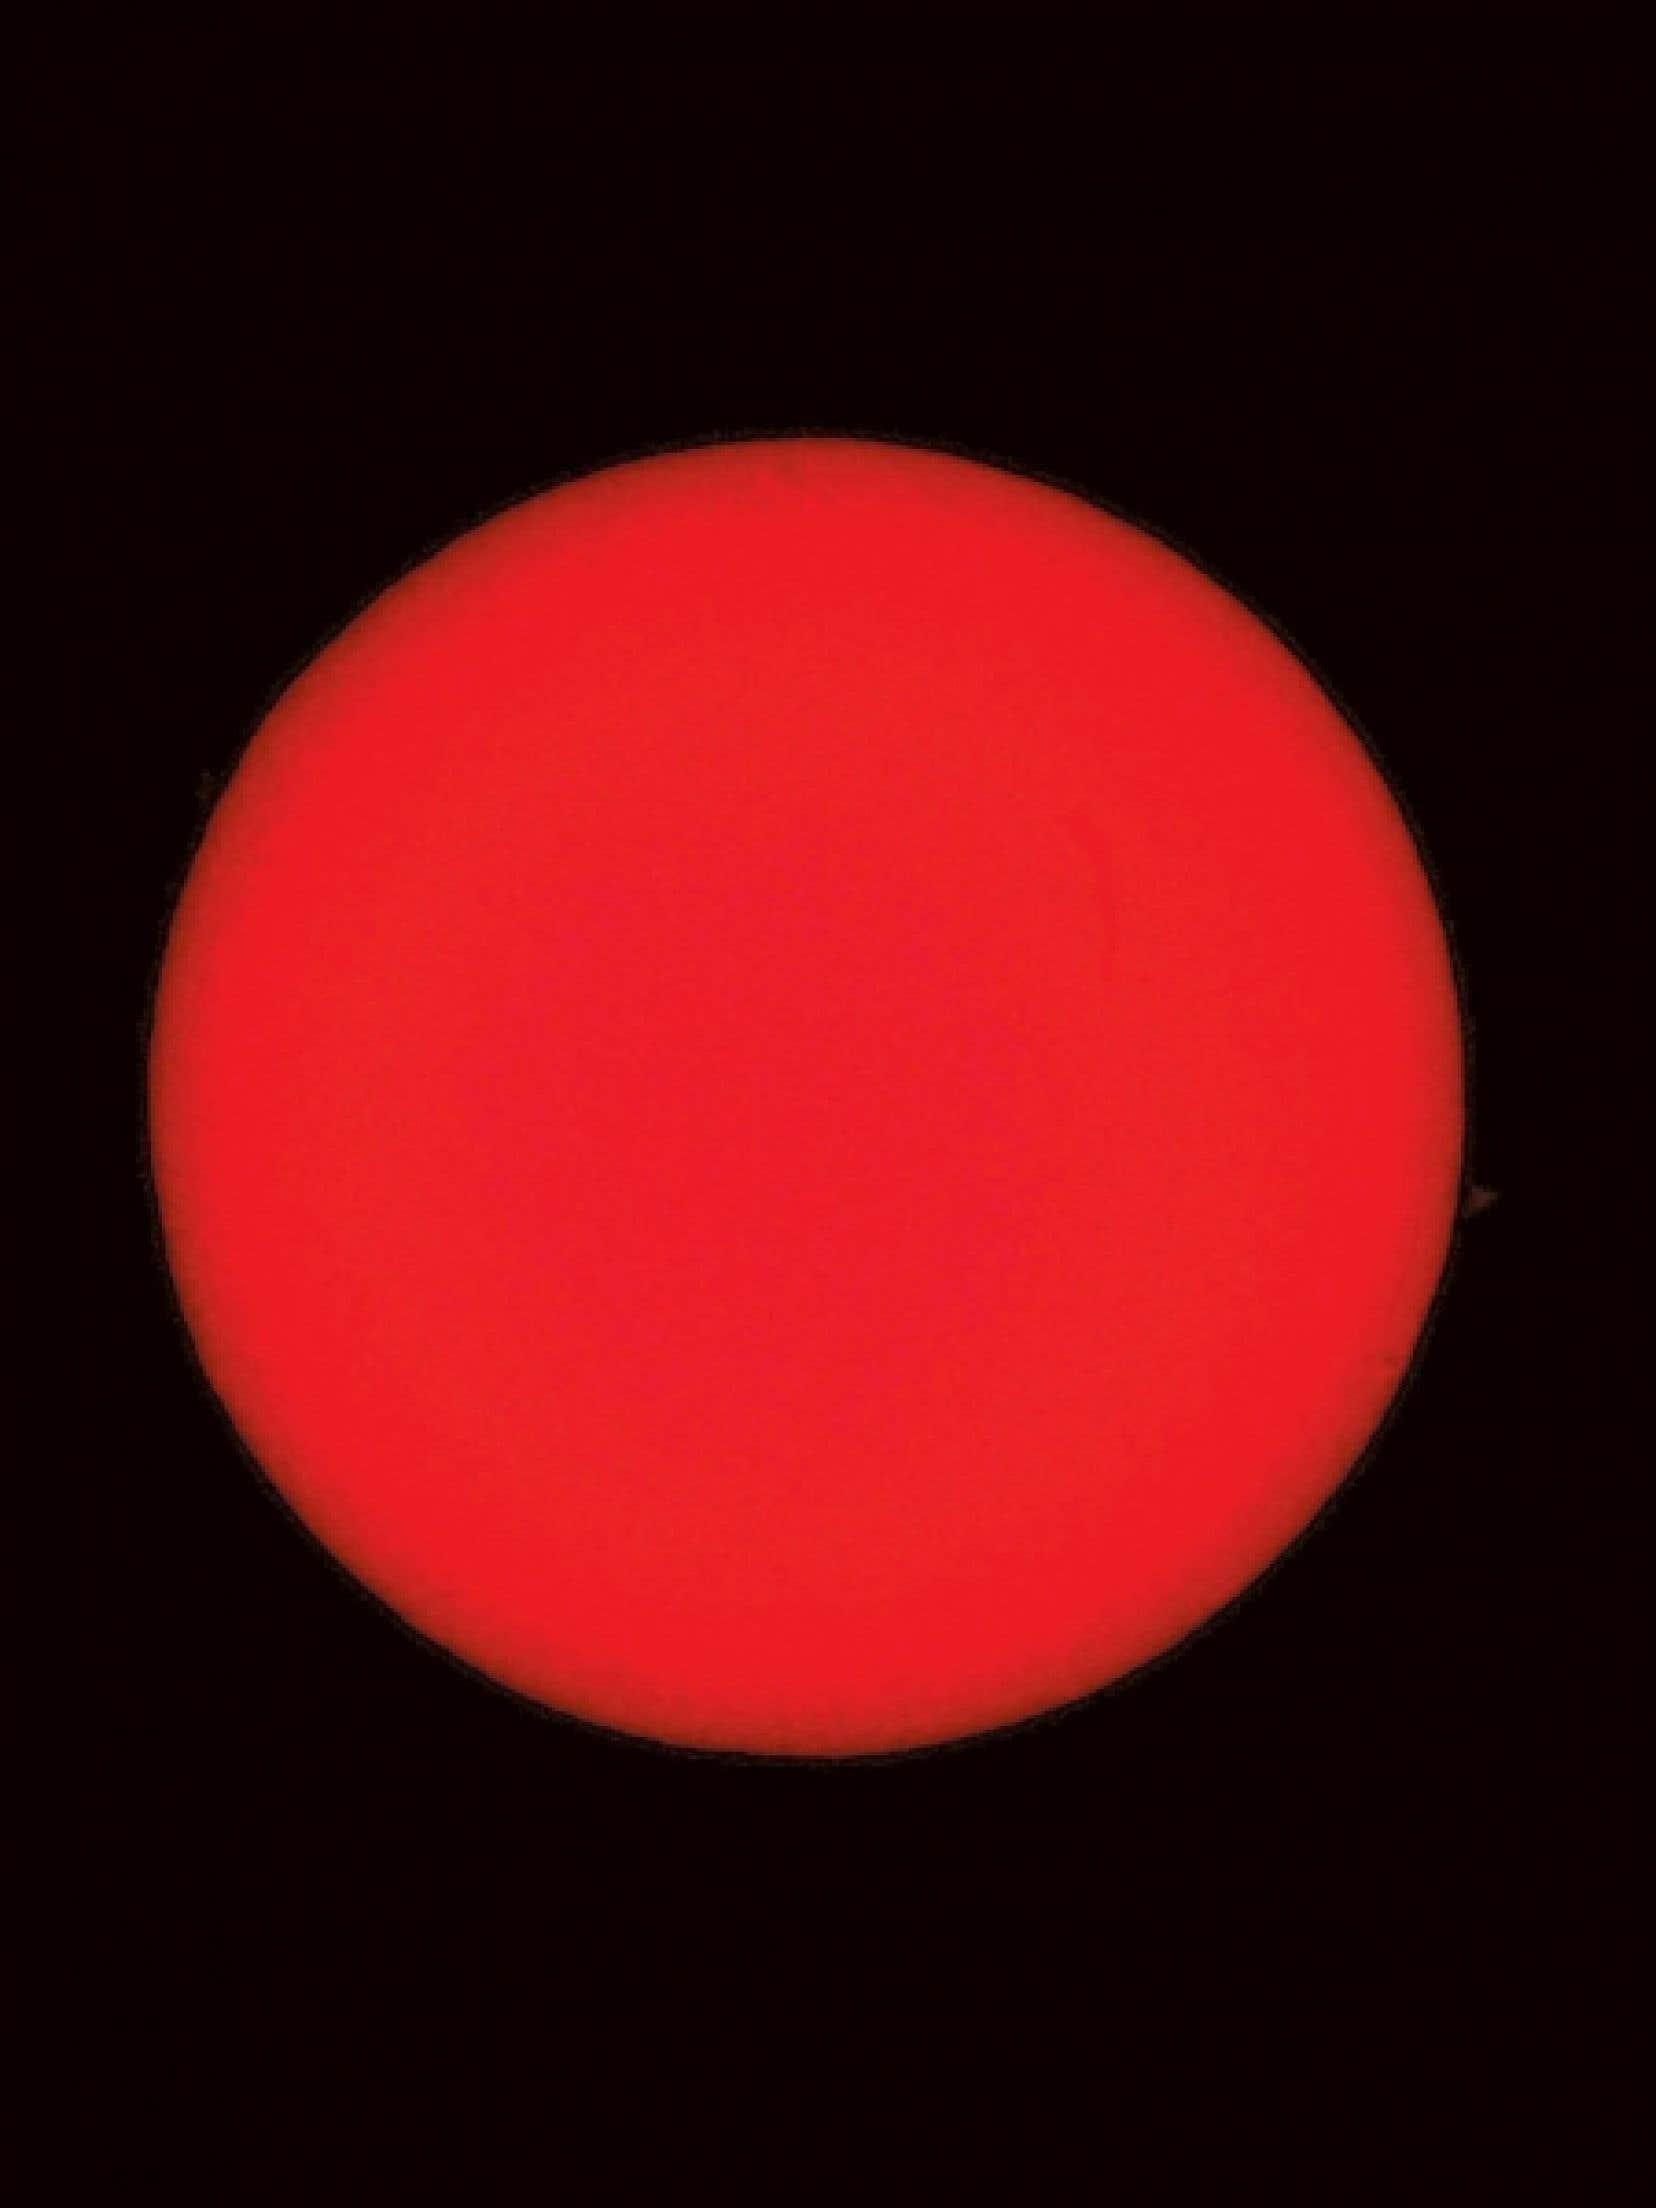 Image tirée de 31 soleils (Dawn Chorus), 2010, au Musée d'art contemporain de Montréal, du 7 octobre 2011 au 3 janvier 2012